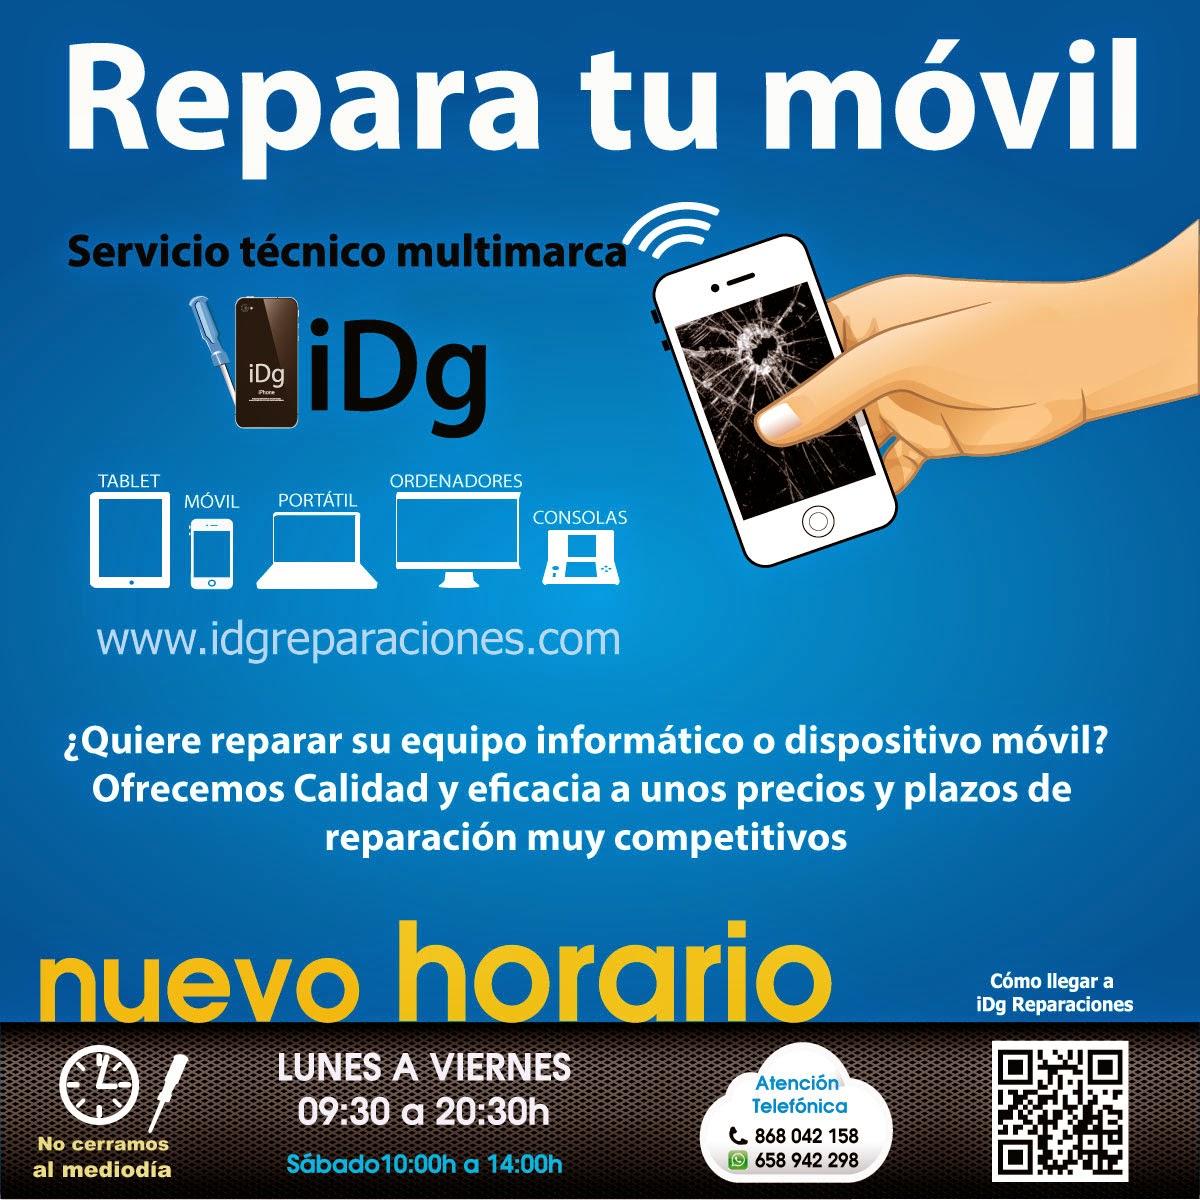 Idg reparaciones reparar iphone en murcia todos los for Servicio tecnico murcia